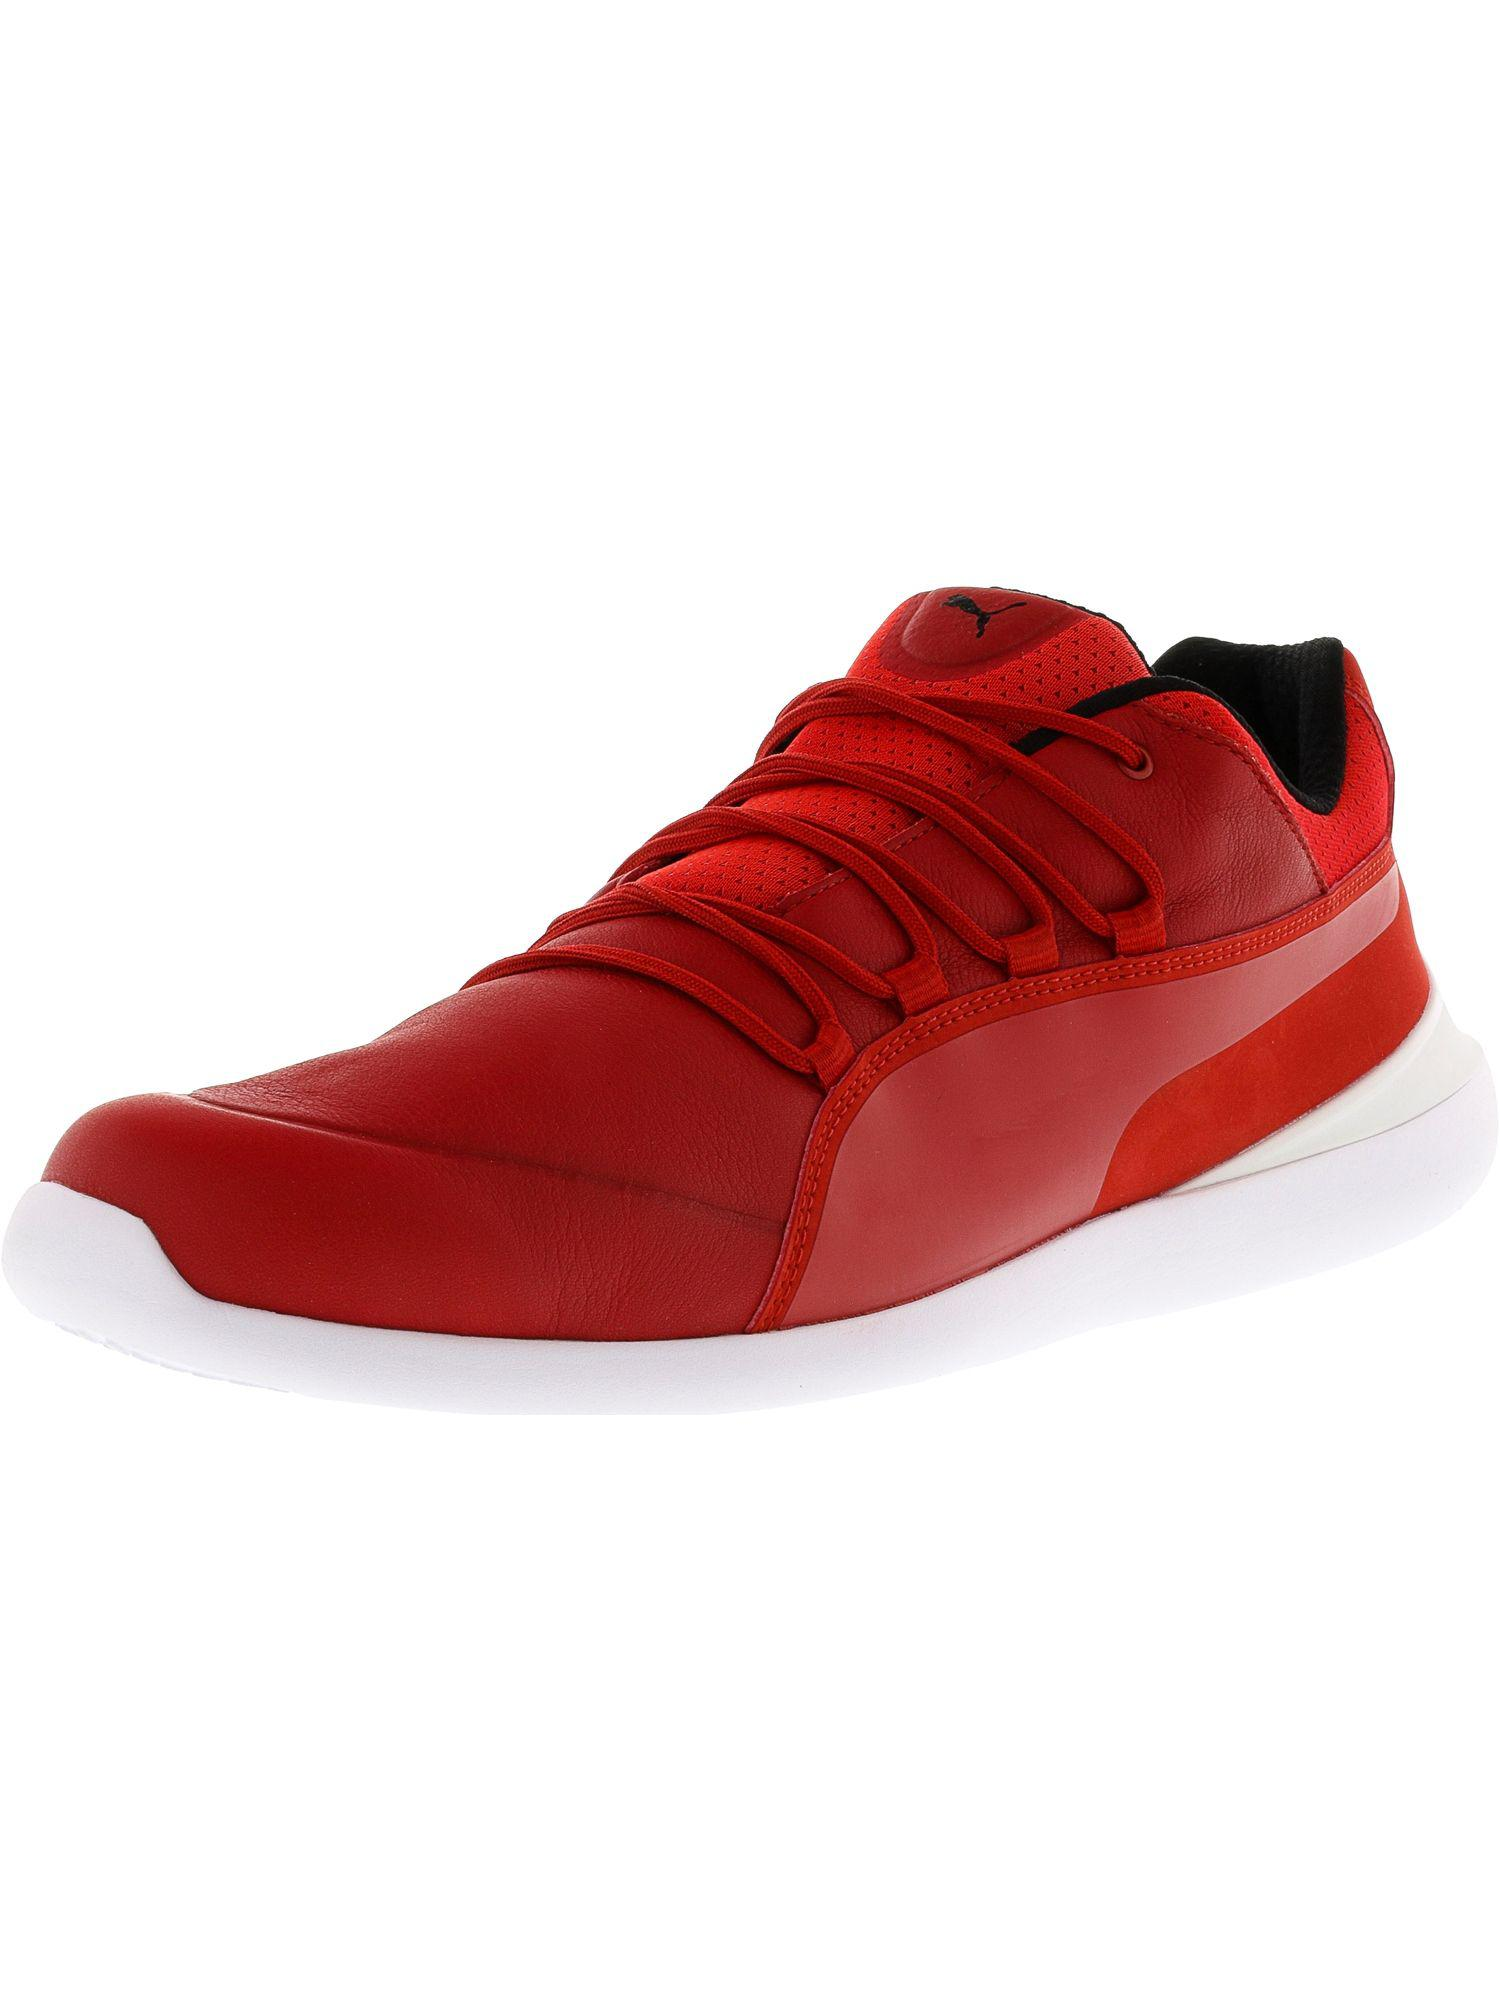 96a2fcb21cd Lyst - Puma Men's Ferrari Evo Cat Ankle-high Fashion Sneaker in Red ...